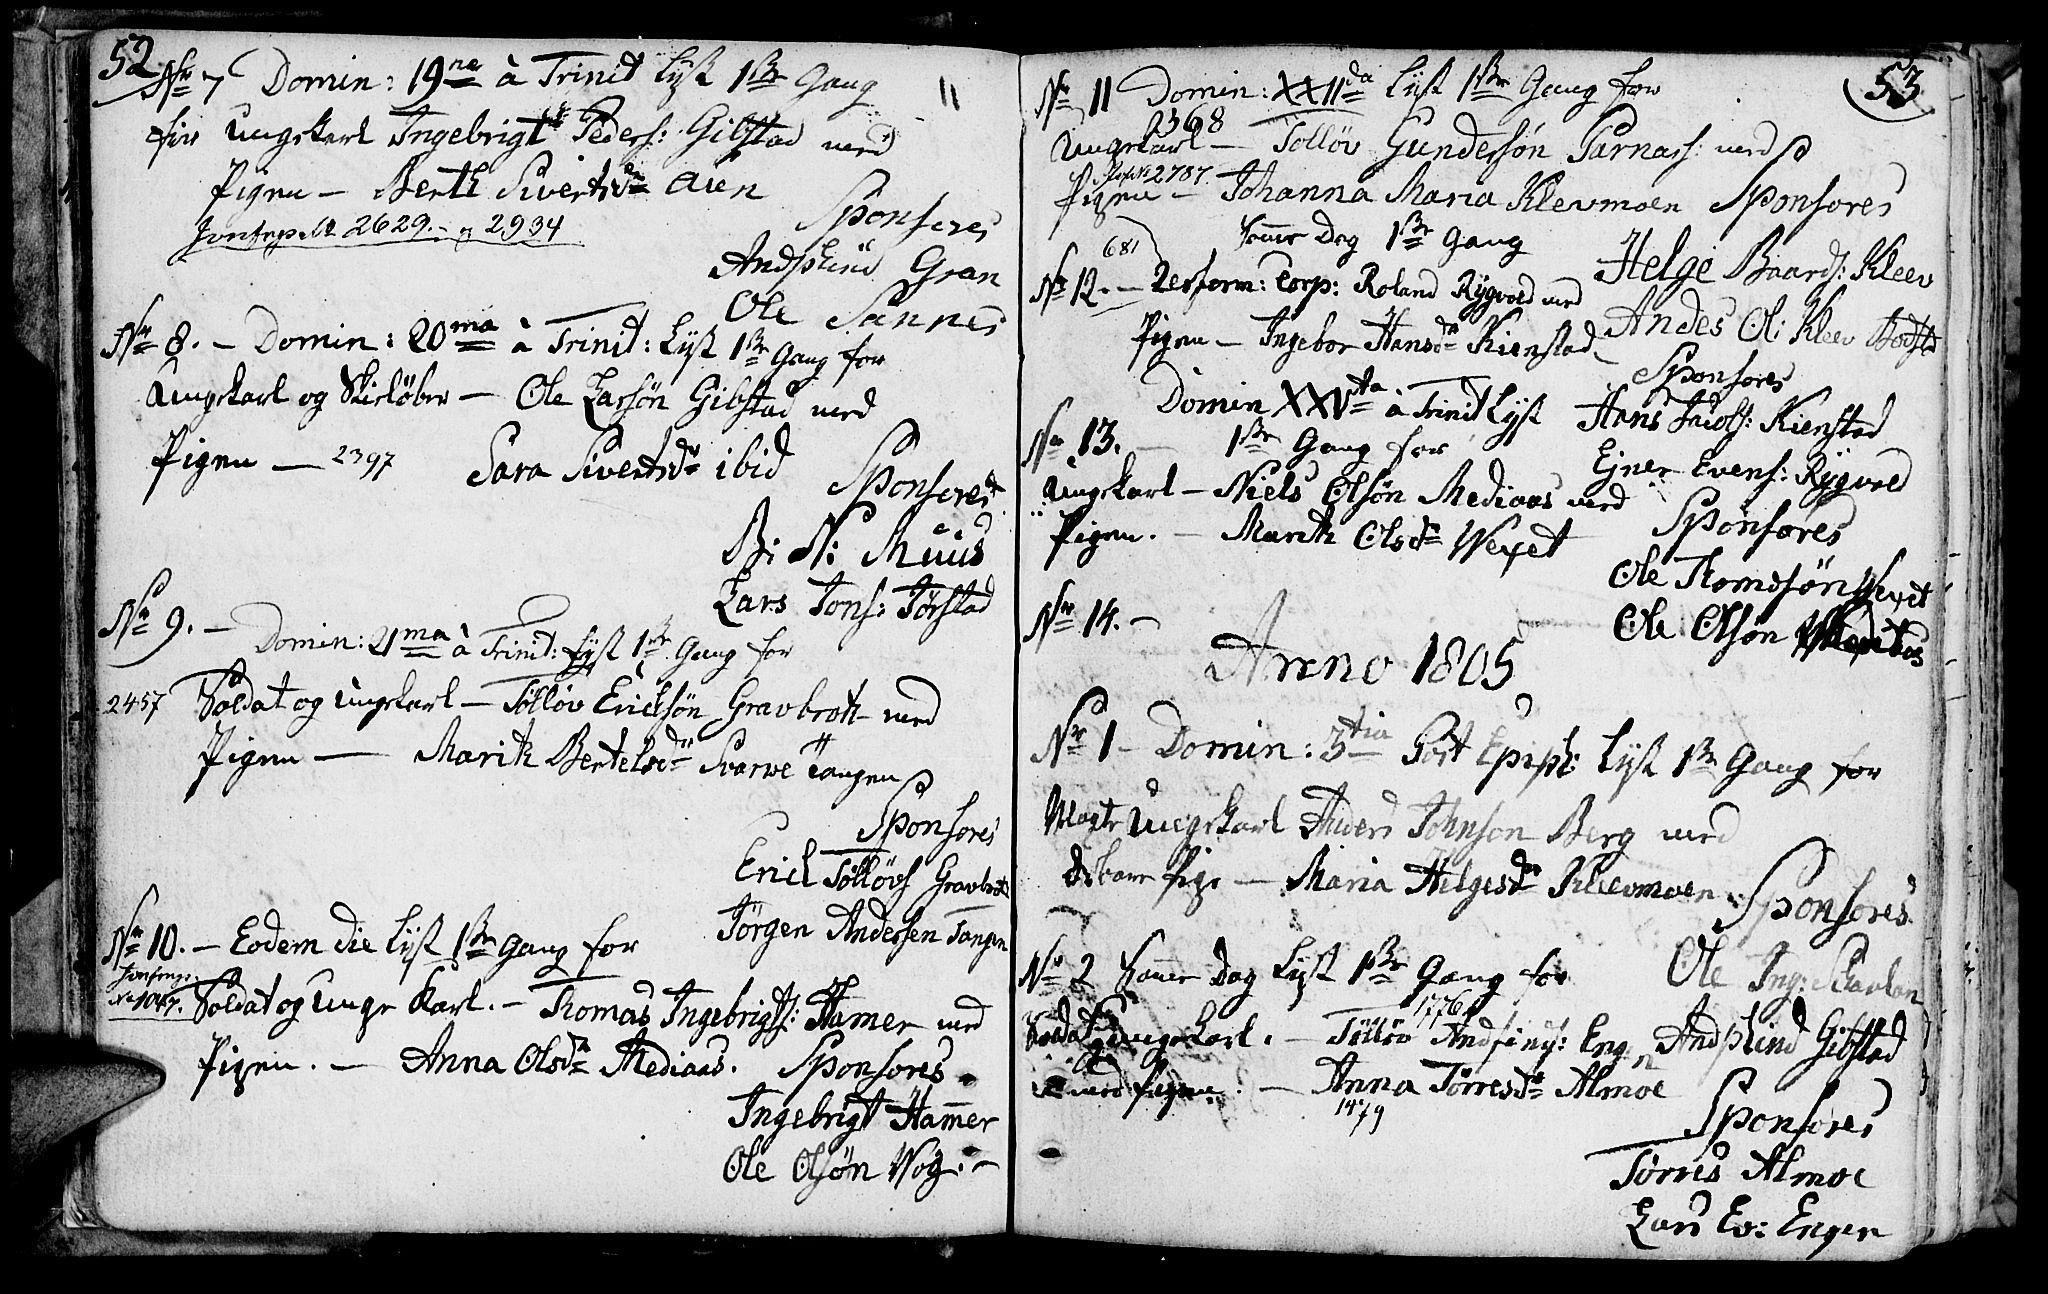 SAT, Ministerialprotokoller, klokkerbøker og fødselsregistre - Nord-Trøndelag, 749/L0468: Ministerialbok nr. 749A02, 1787-1817, s. 52-53